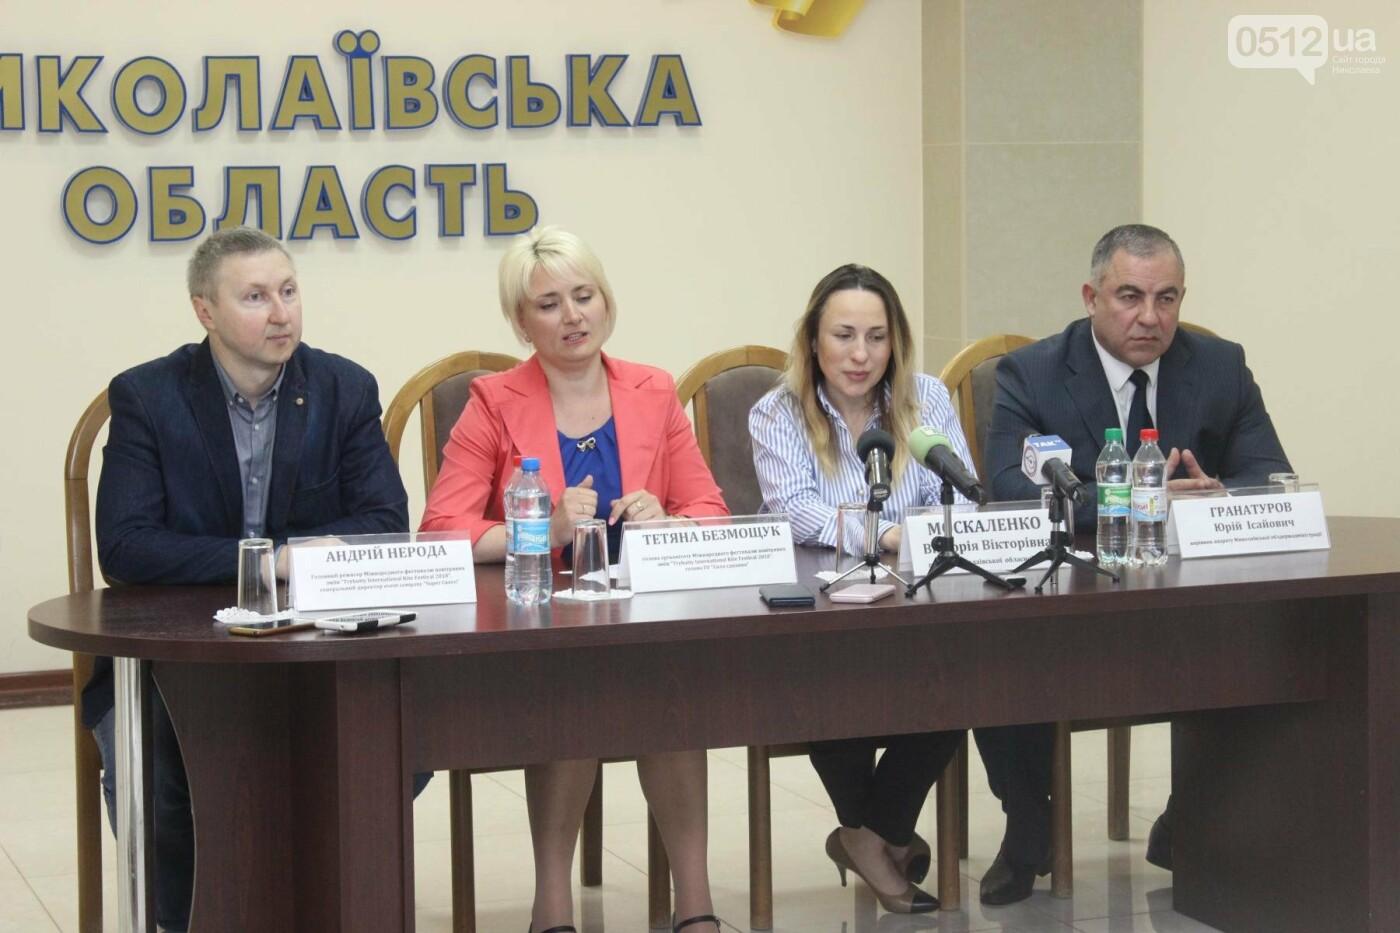 Гости из всей Европы и около 20 тысяч участников: как на Николаевщине планируют фестиваль воздушных змеев, - ФОТО, фото-3